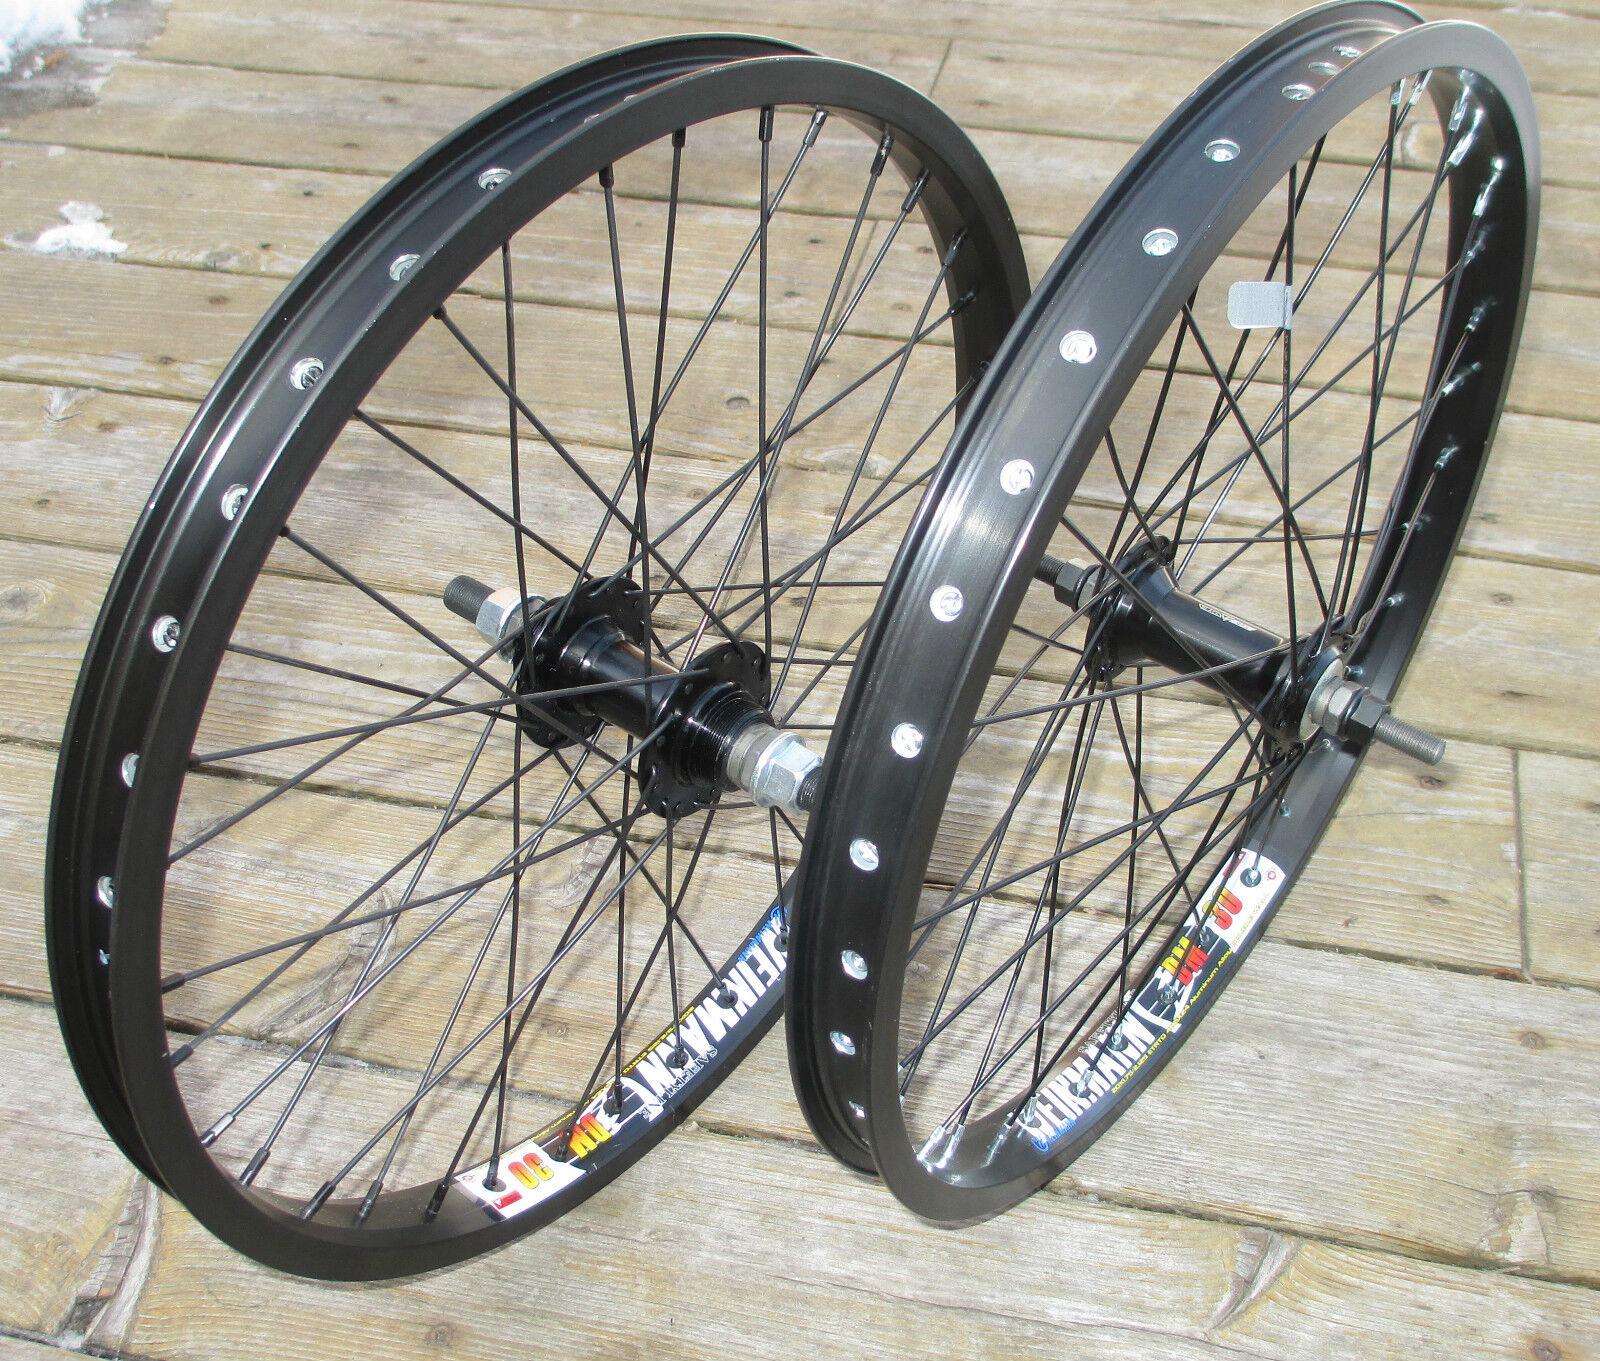 Wheel Set 20  BMX Park 3 8 Front 14mm Flip Flop Rear Double Walled Rims New